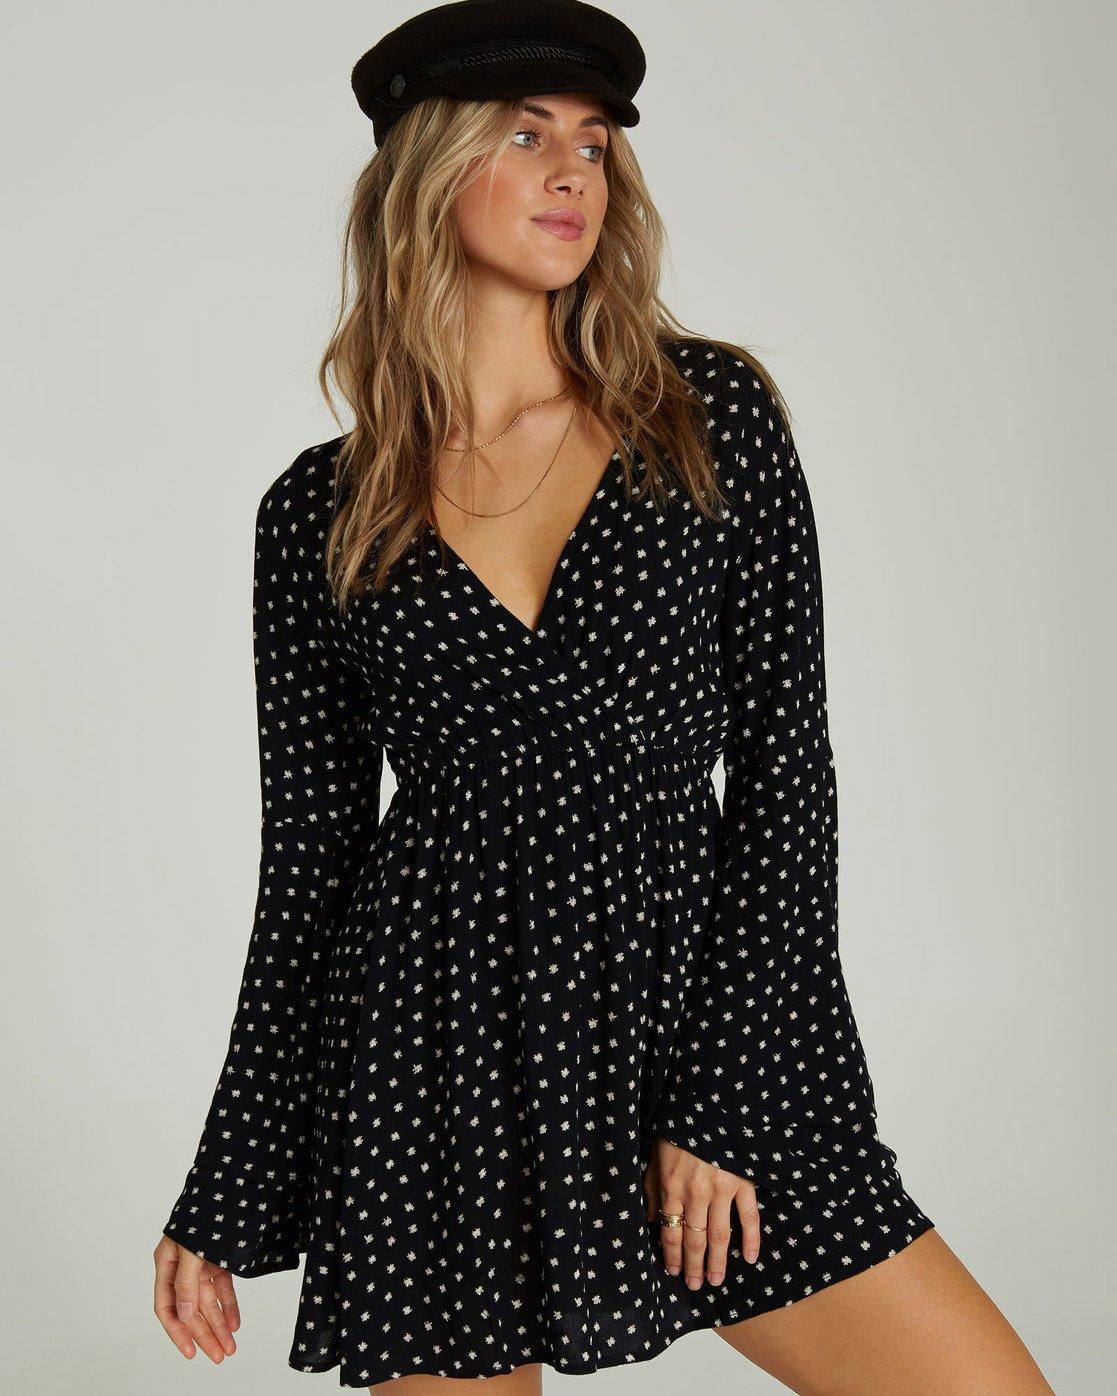 22a9652f1 0 Night Fever Printed Mini Dress JD19SBNI Billabong